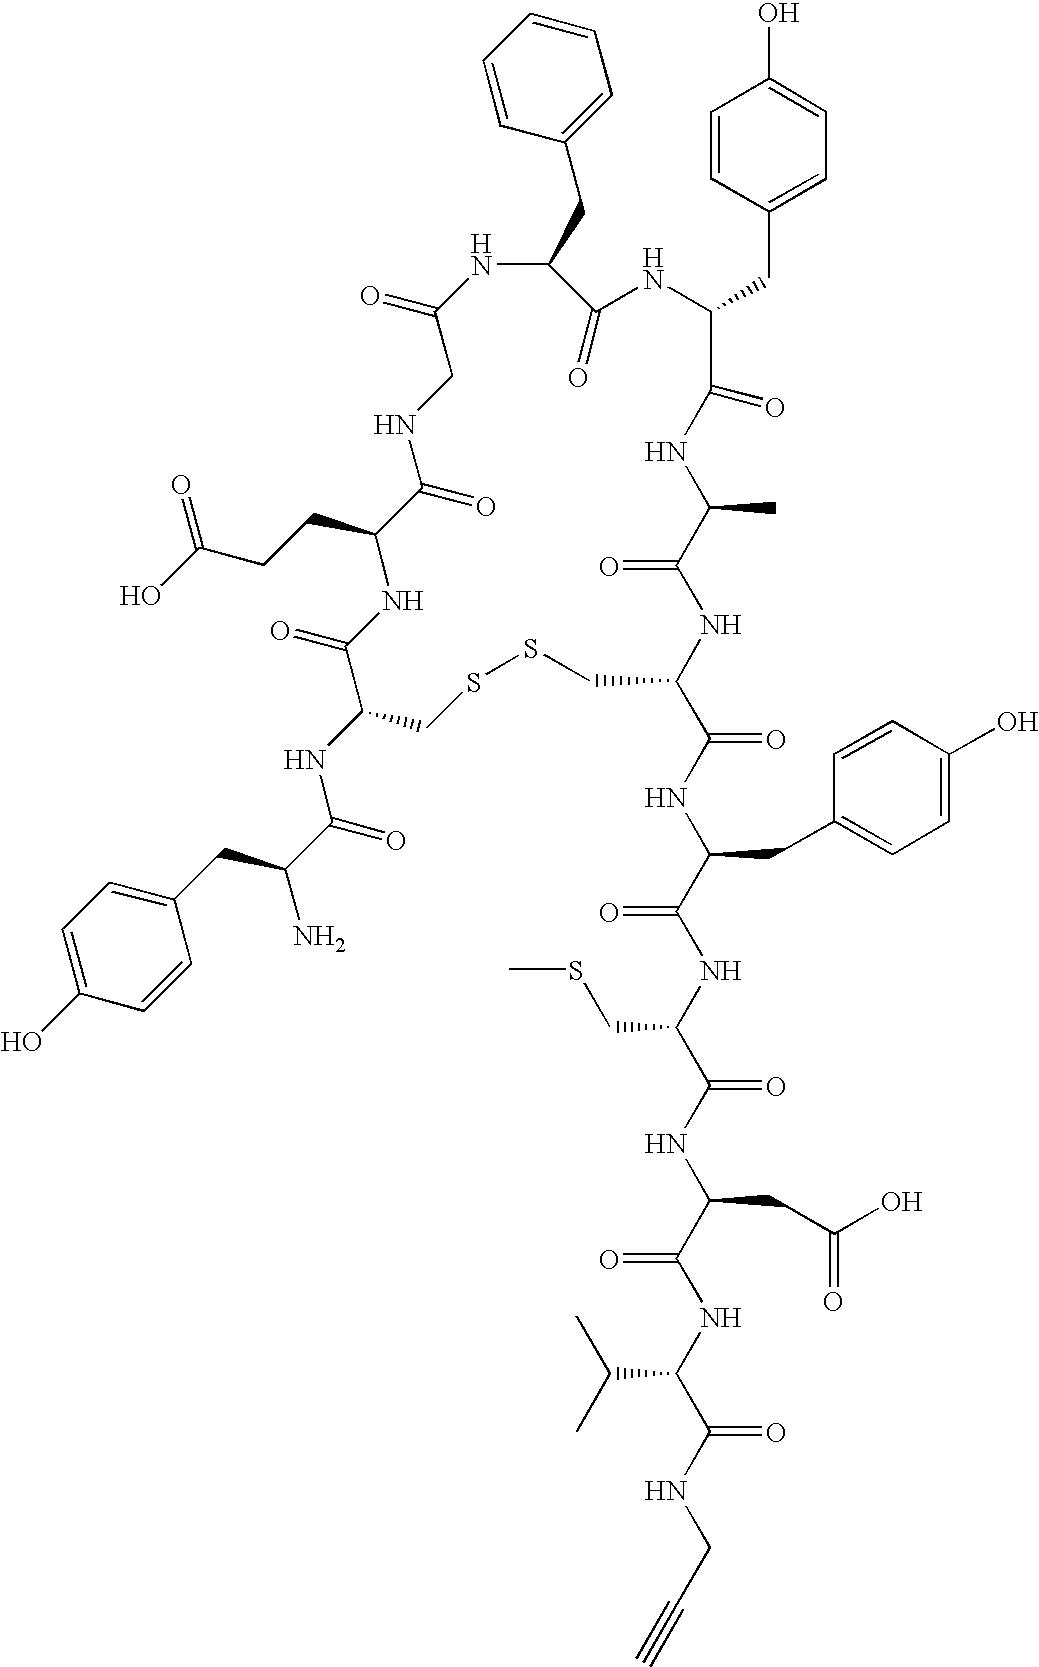 Figure US20090110662A1-20090430-C00005